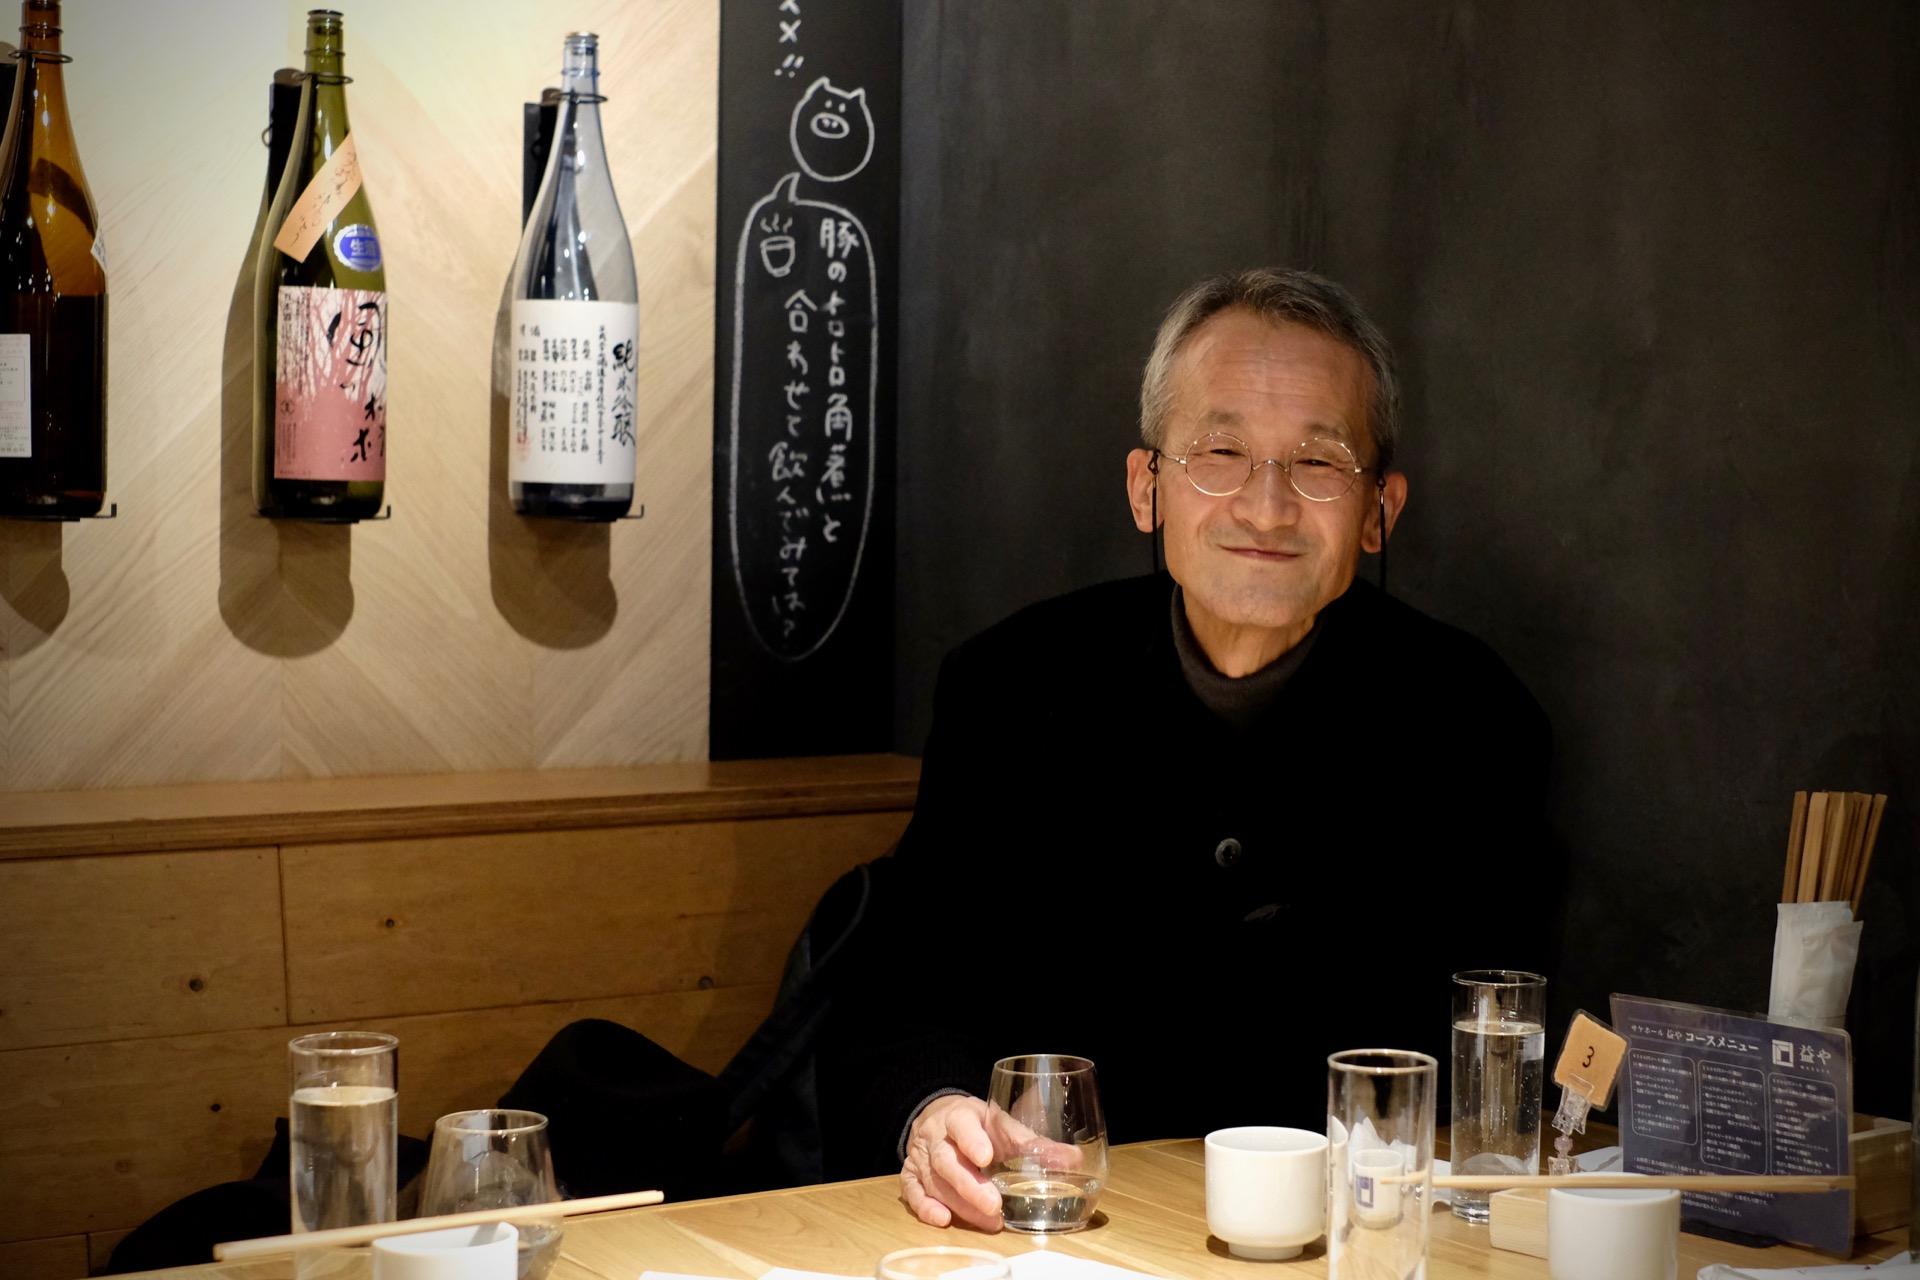 京都で吟醸酒の酒房というジャンルを切り開いた|吉田澄男さんインタビュー〈前編〉